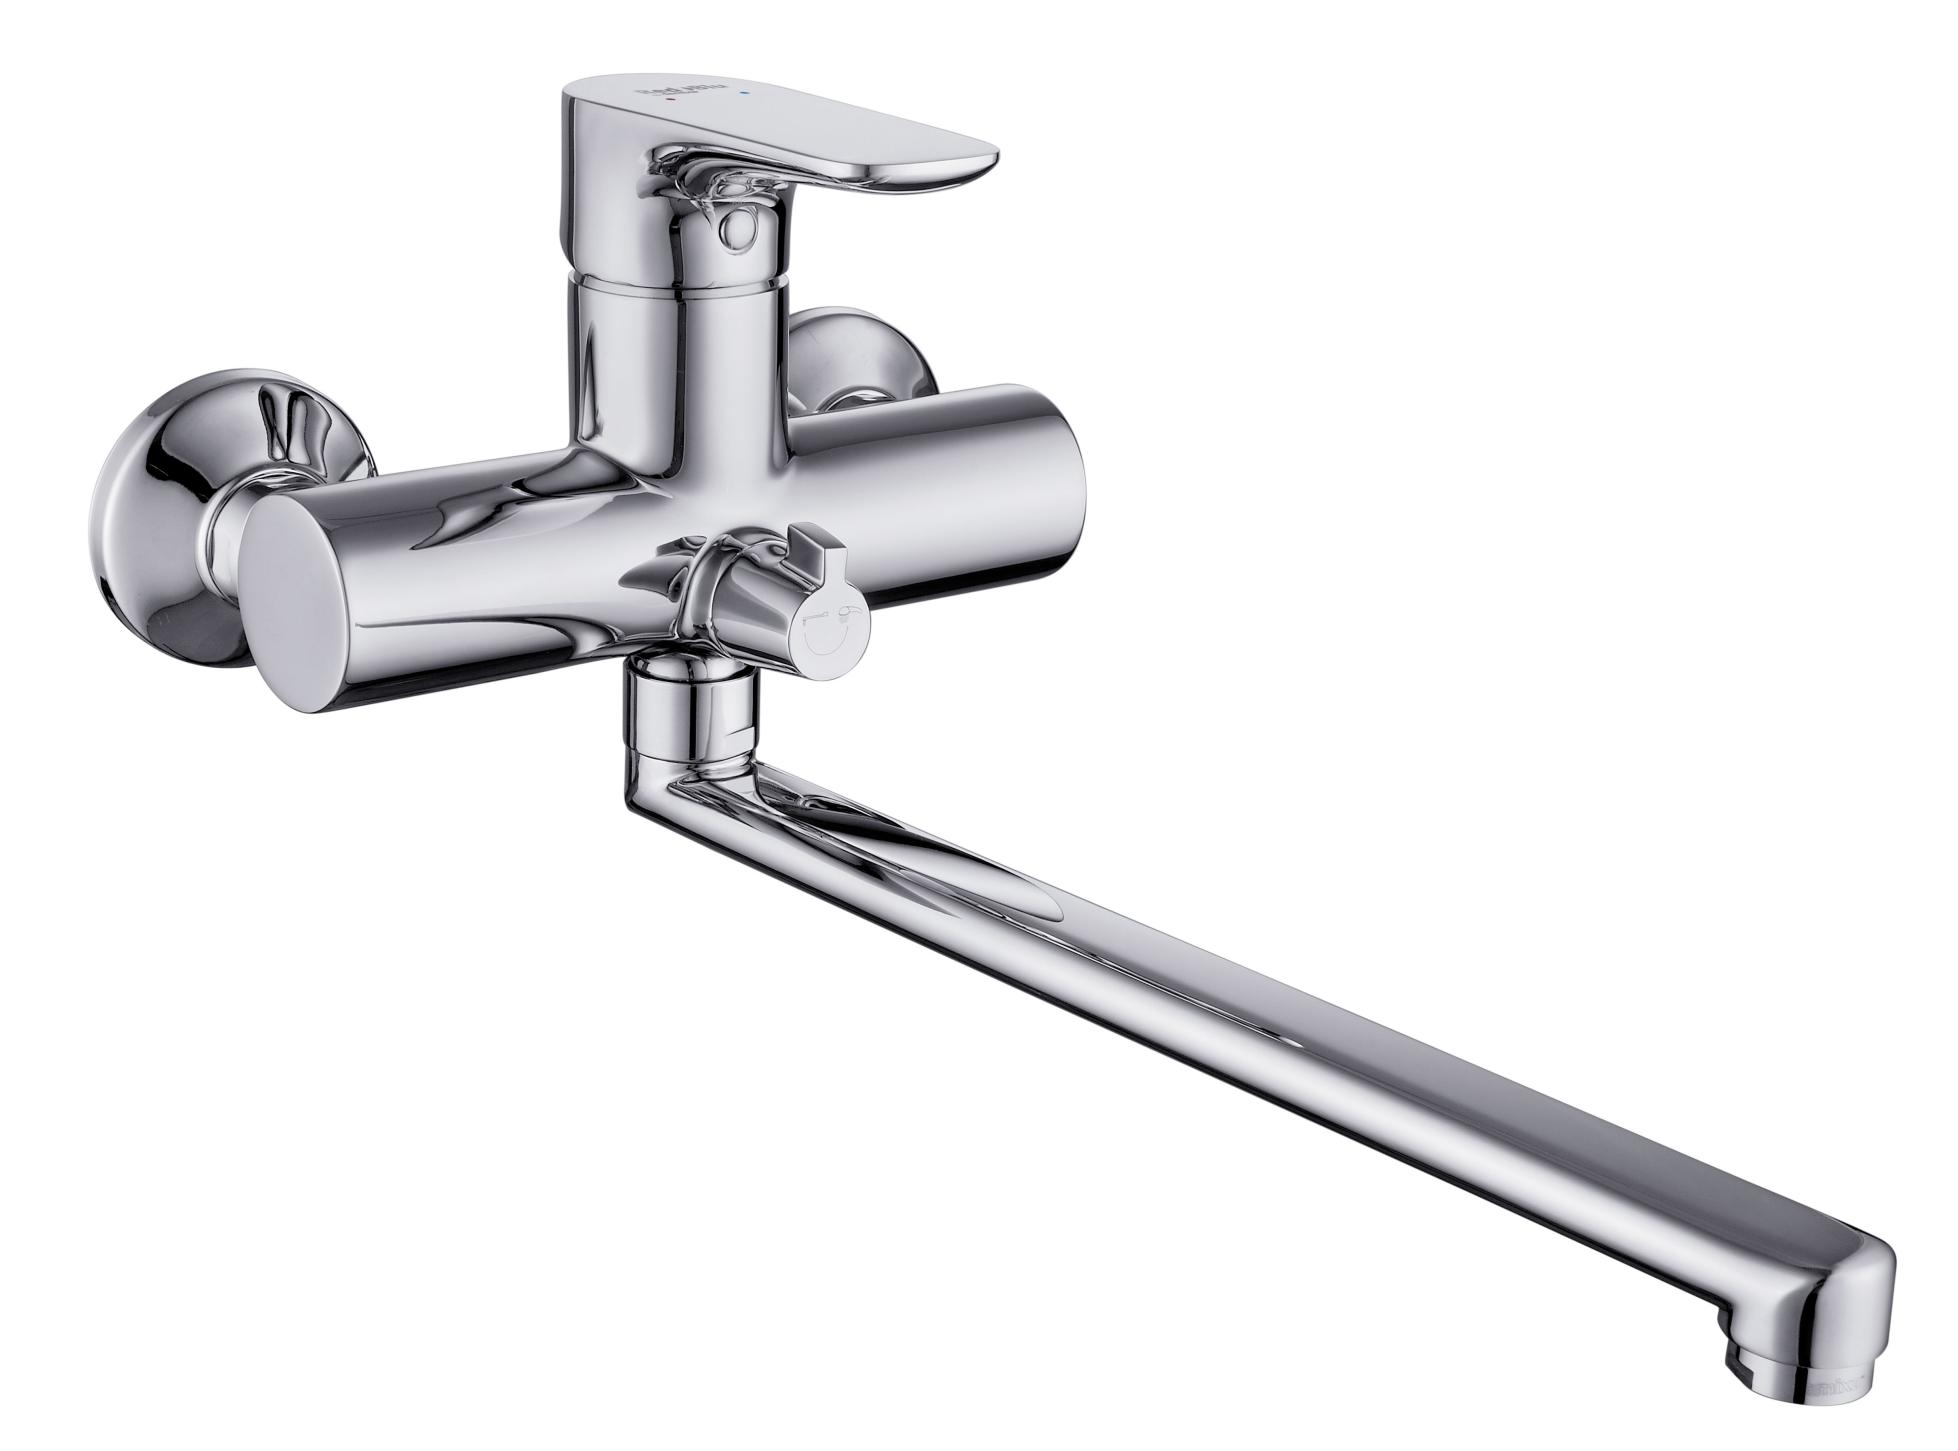 Смеситель DamixaСмесители<br>Назначение смесителя: для ванны и душа,<br>Тип управления смесителя: однорычажный,<br>Цвет покрытия: хром,<br>Стиль смесителя: модерн,<br>Монтаж смесителя: вертикальный,<br>Тип установки смесителя: настенный,<br>Материал смесителя: латунь,<br>Излив: традиционный,<br>Родина бренда: Дания,<br>Длина (мм): 400,<br>Ширина: 120,<br>Высота: 180<br>